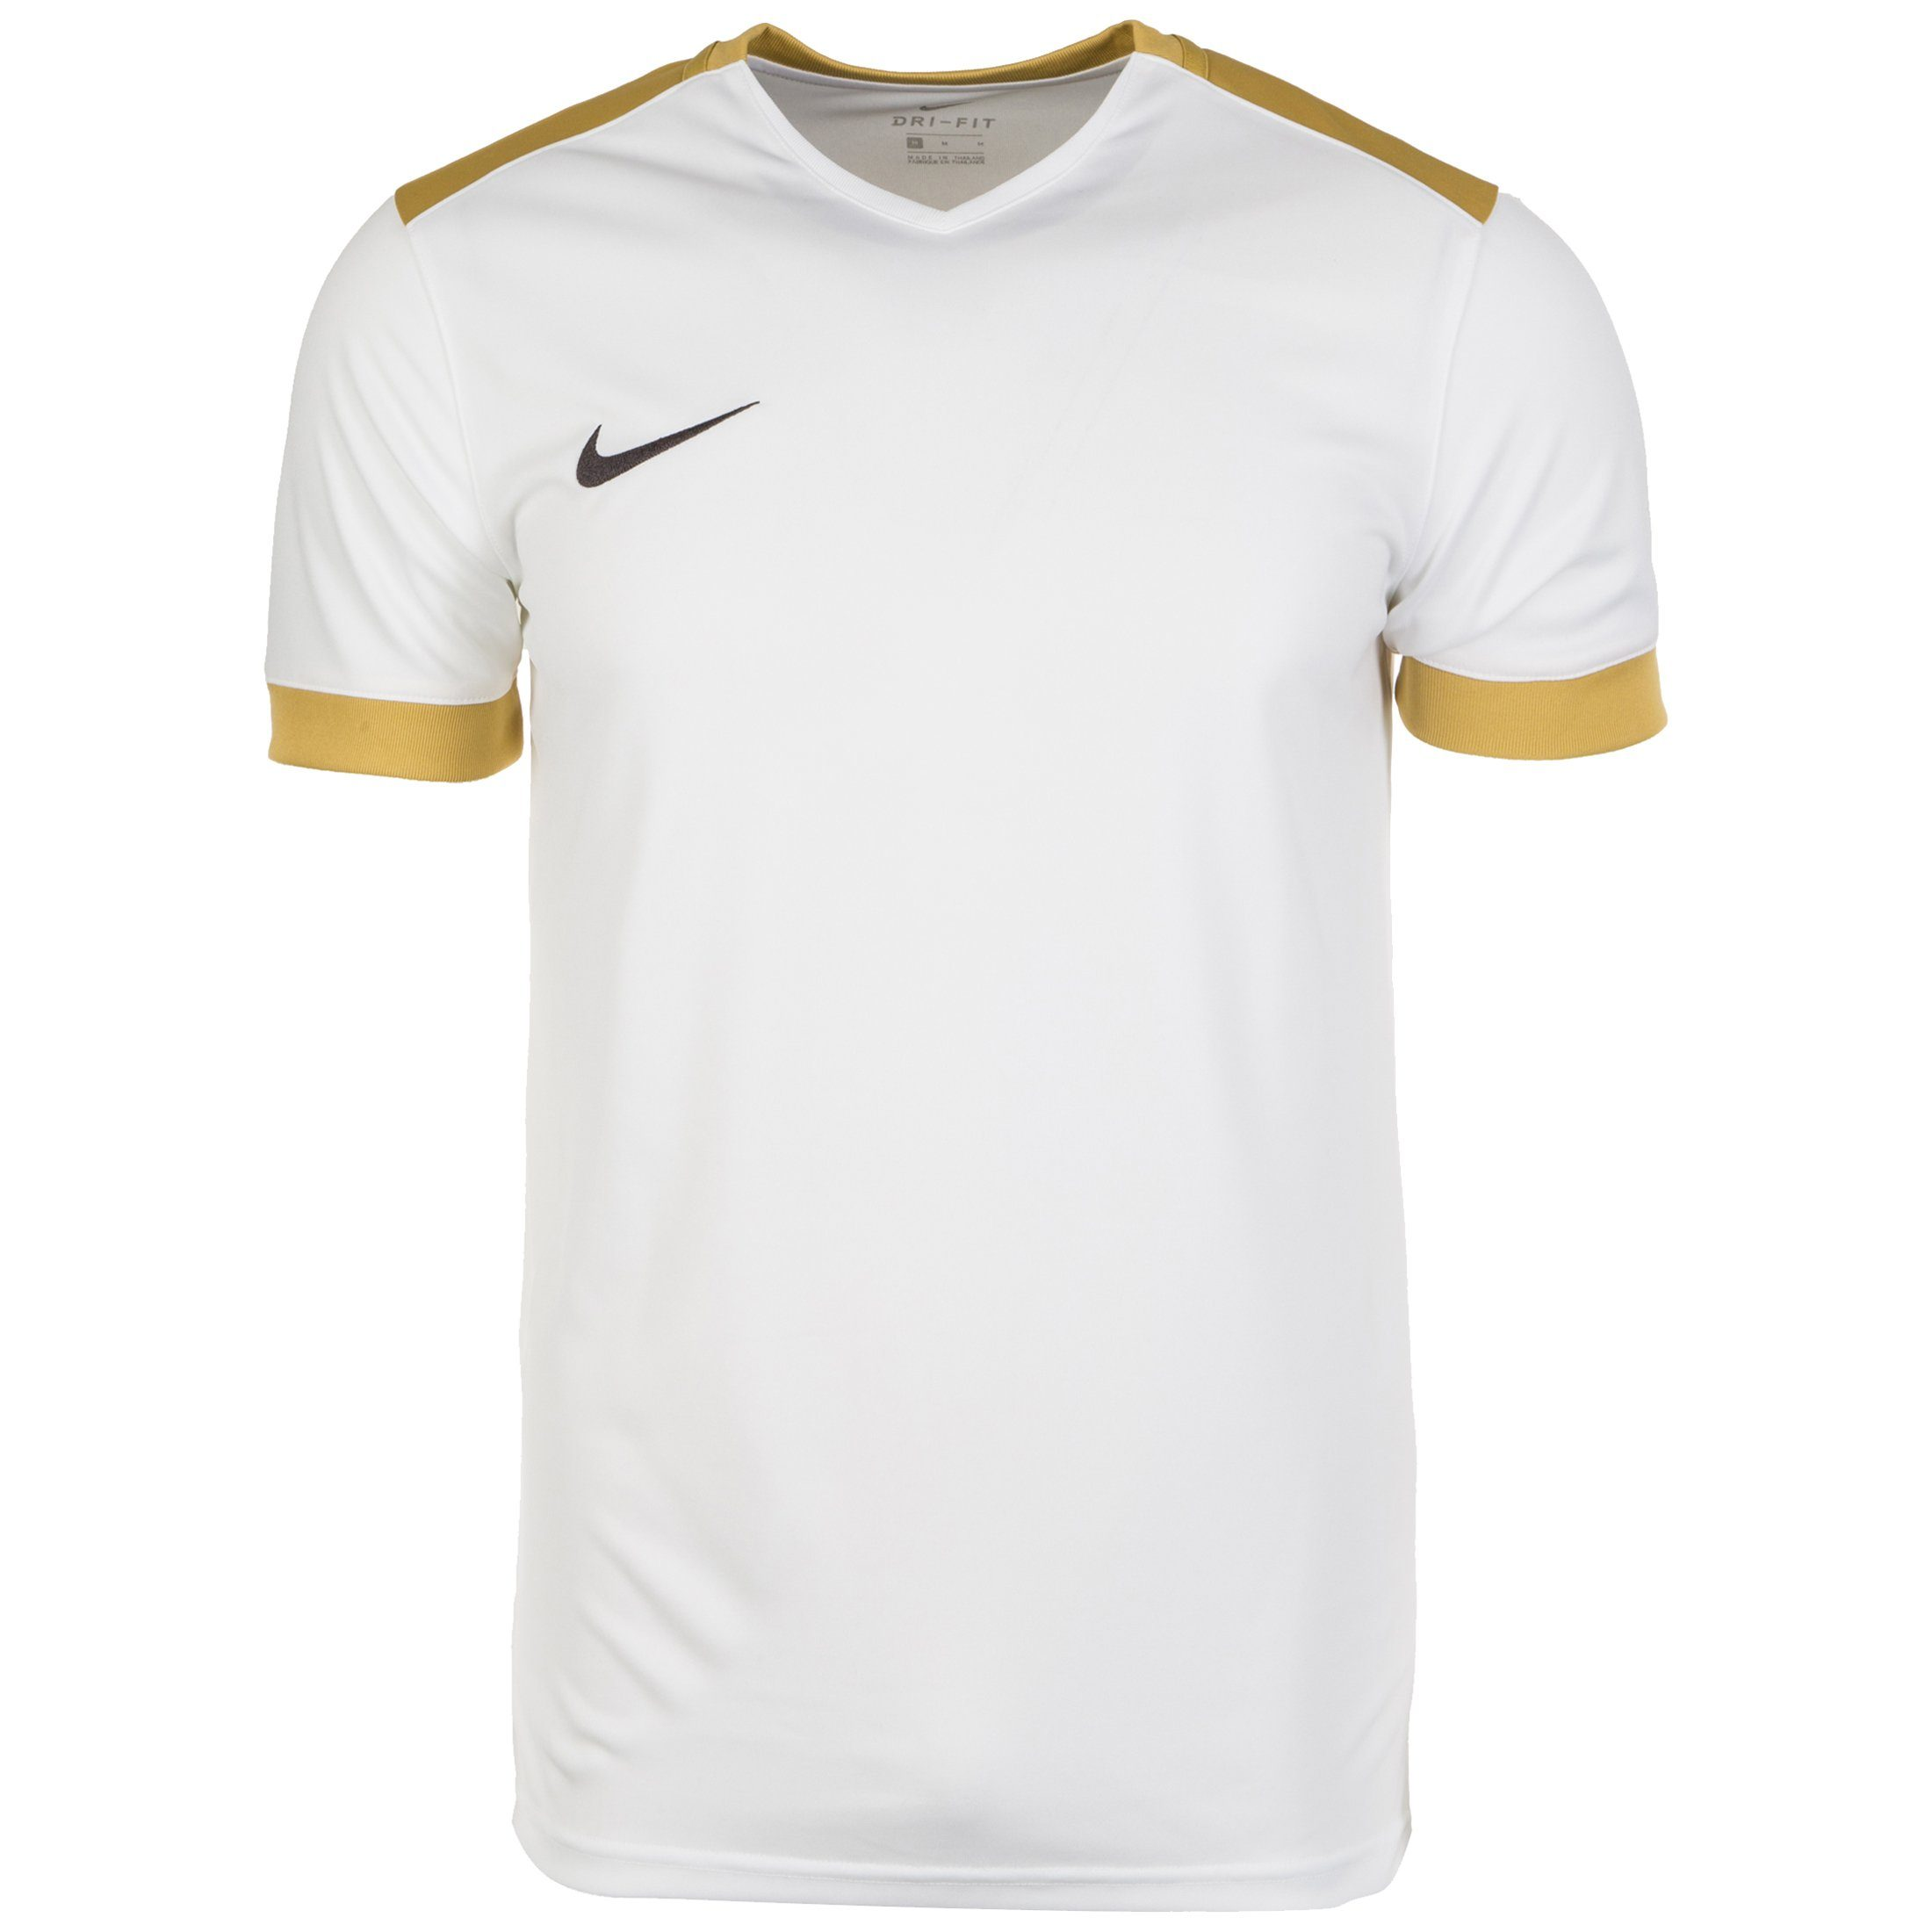 Nike Fußballtrikot Dry Park Derby Ii | Sportbekleidung > Trikots > Fußballtrikots | Weiß | Trikot | Nike